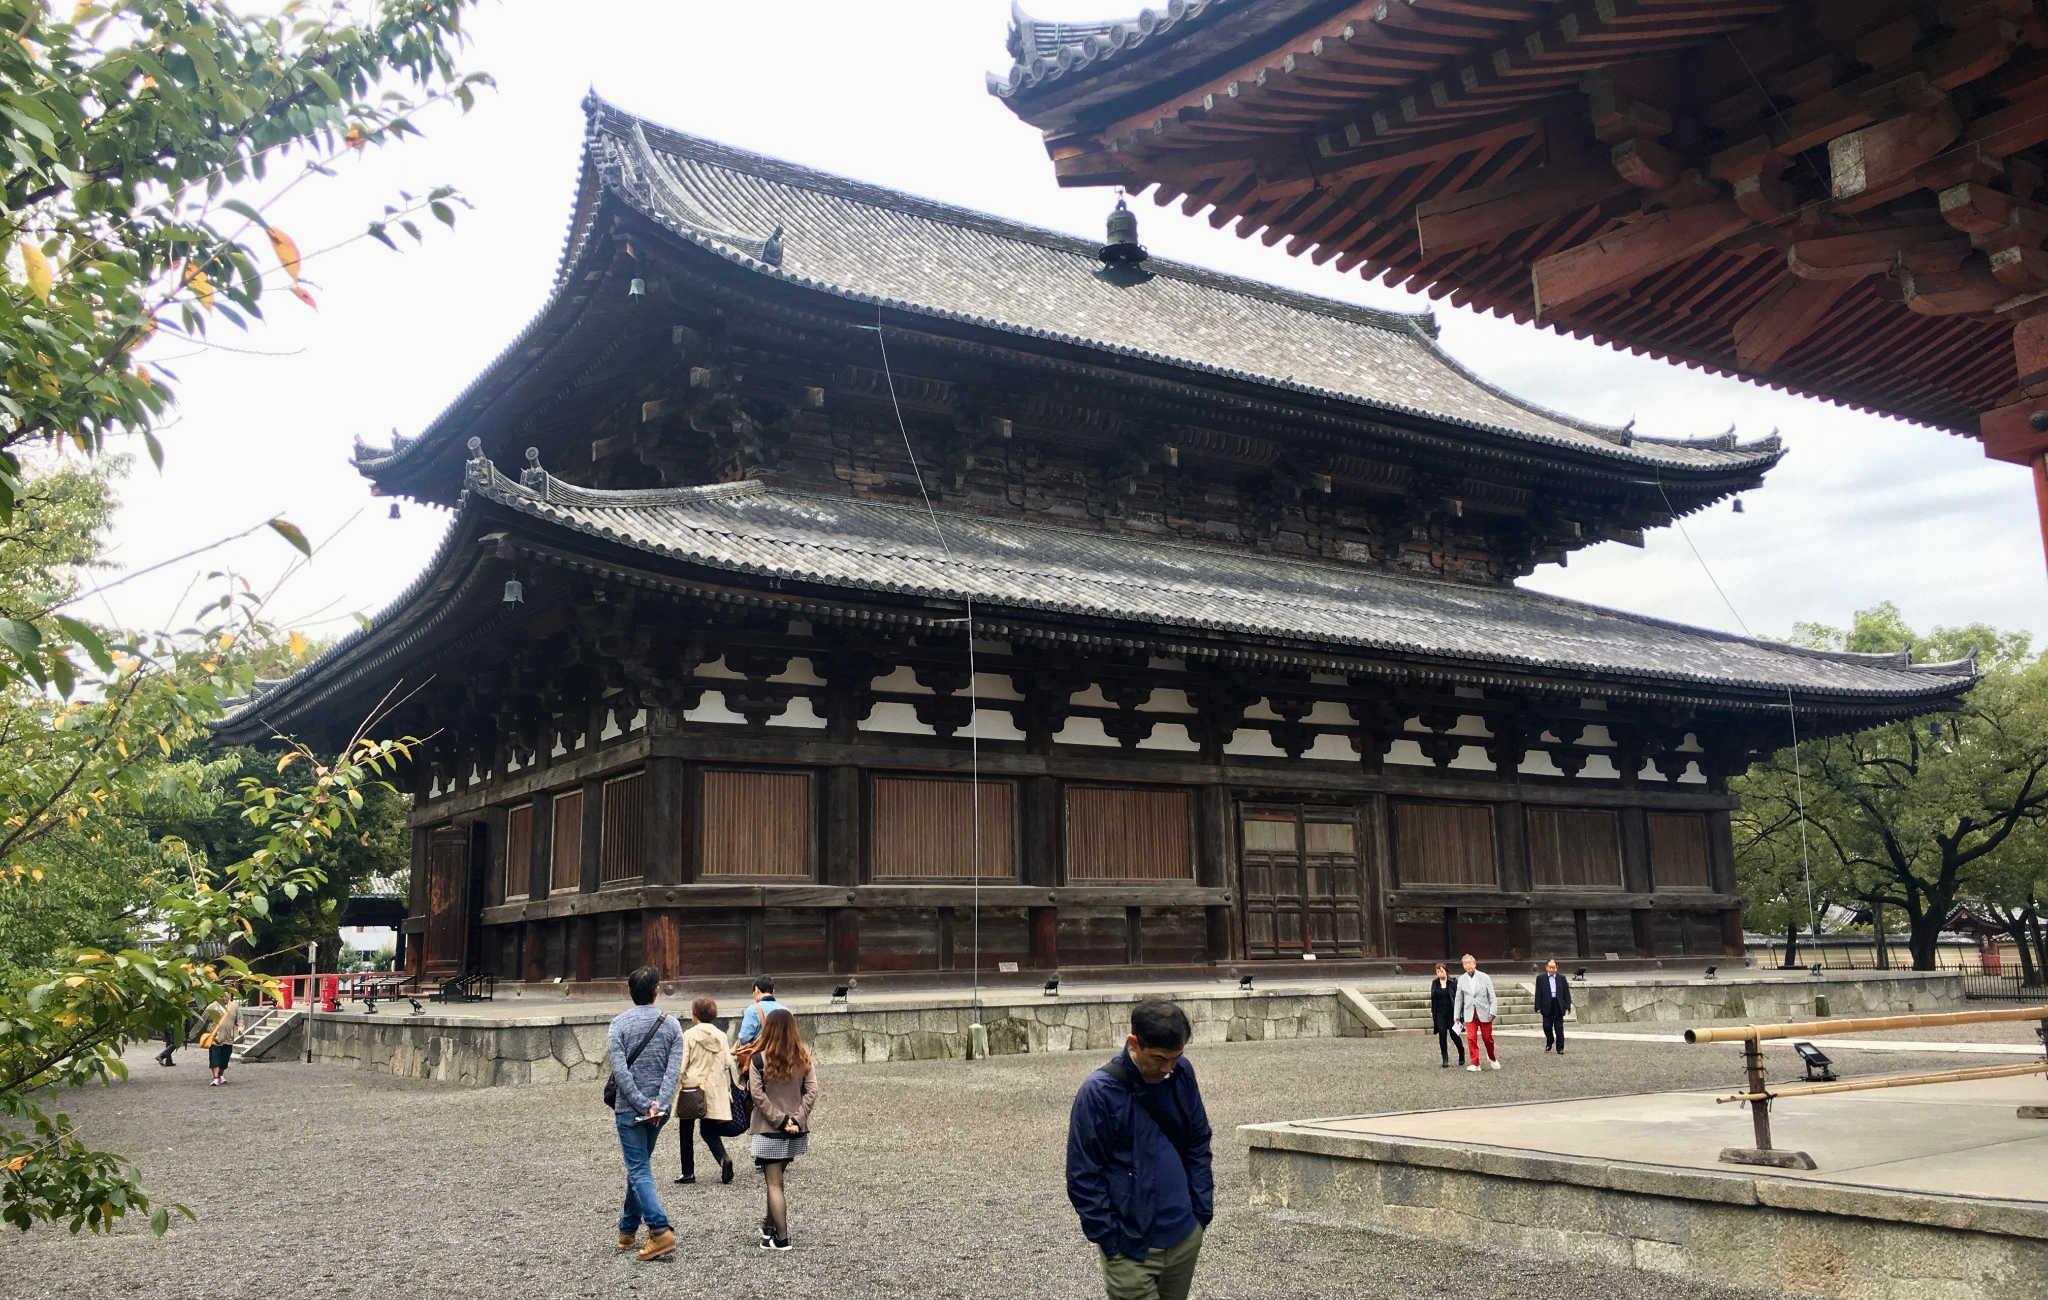 Dans l'enceinte du temple, plusieurs bâtiments renferment des trésors